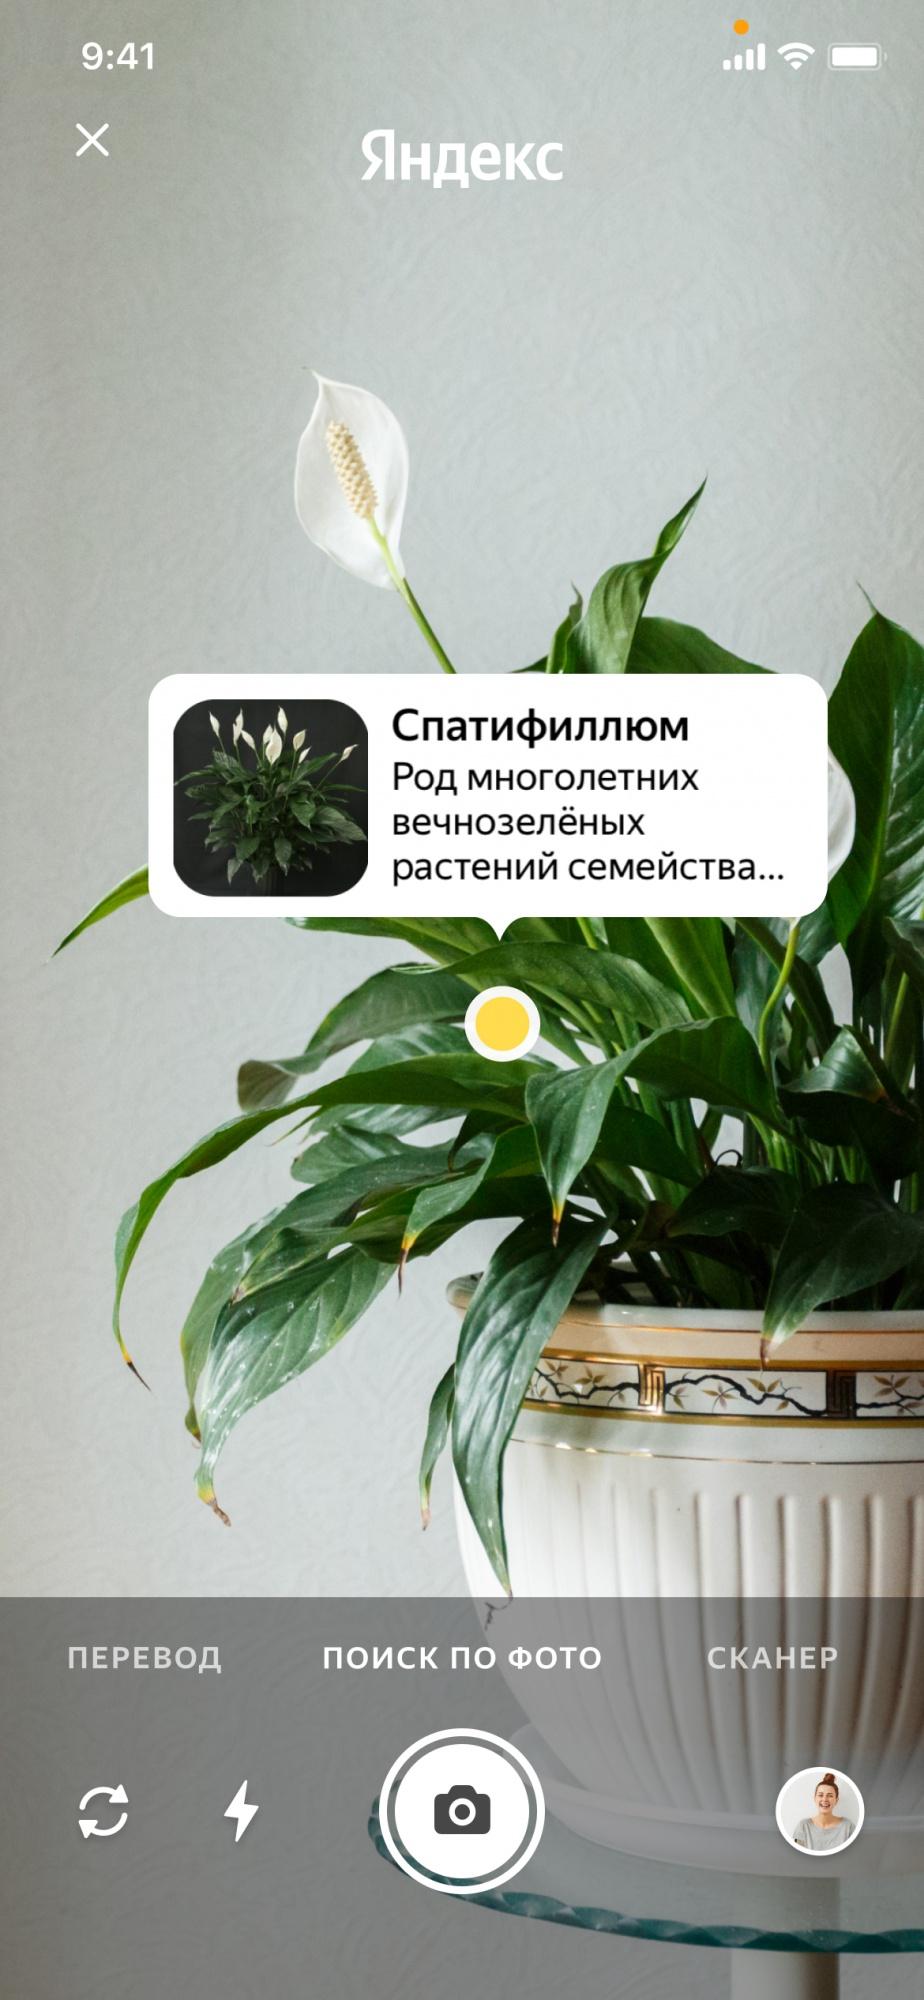 Поиск по фото_растение